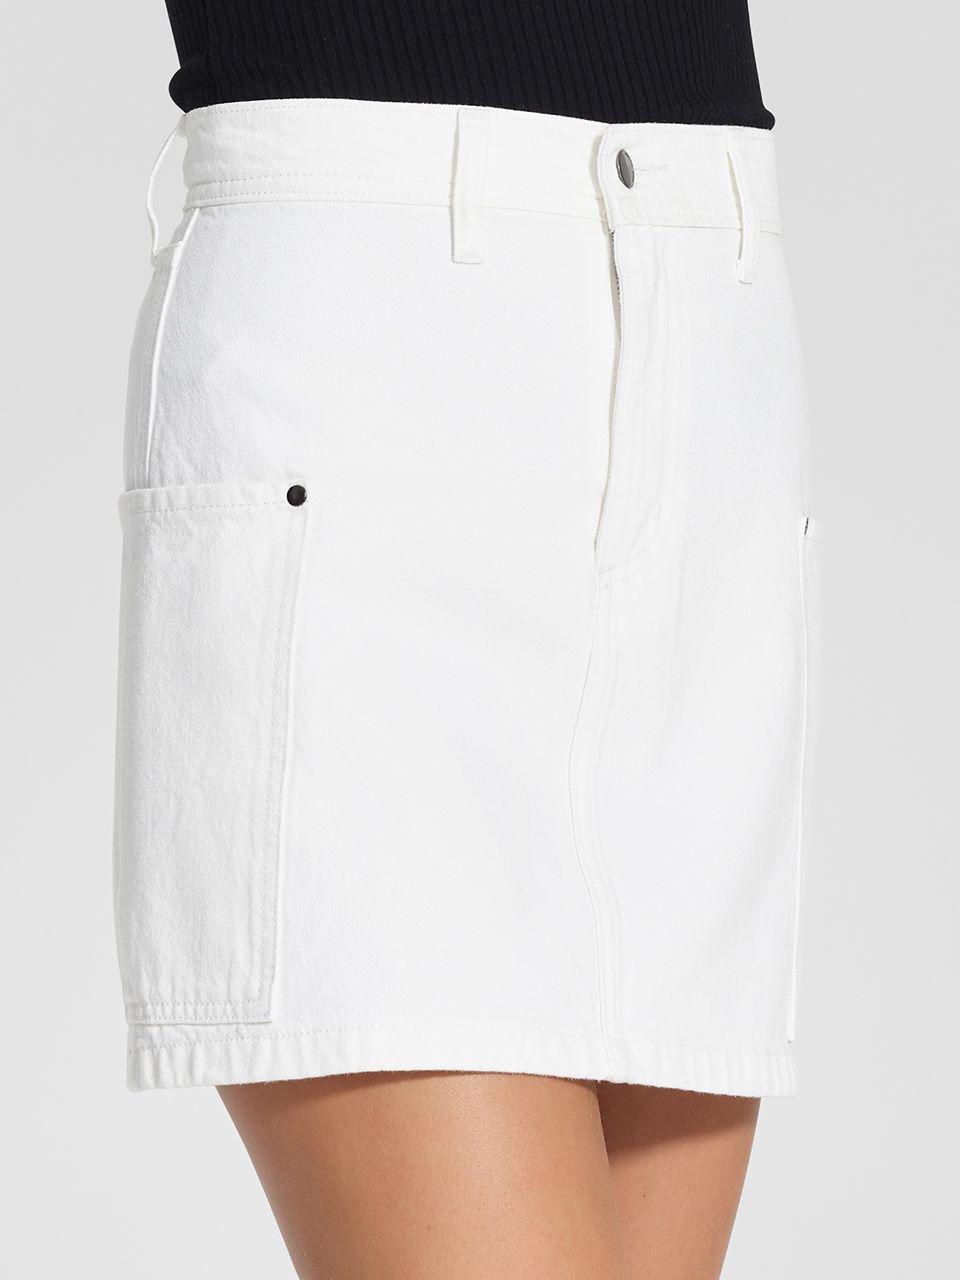 Capri Skirt Luce